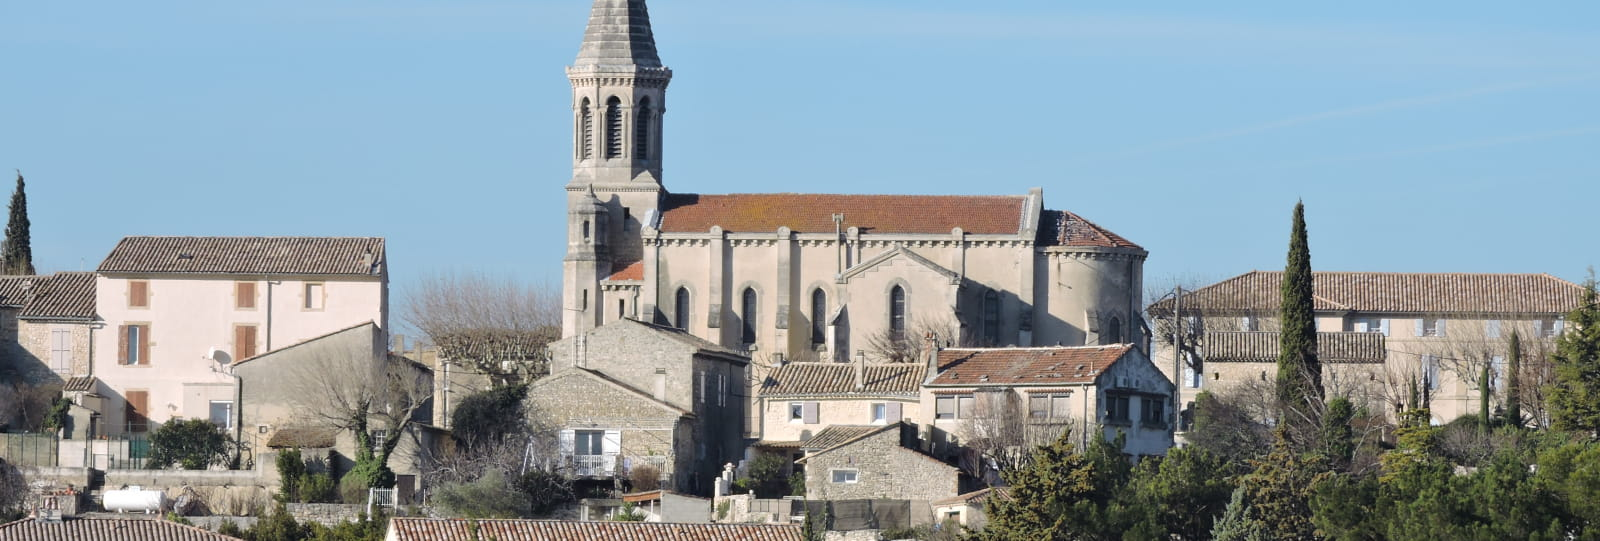 Vue générale - Montségur sur Lauzon